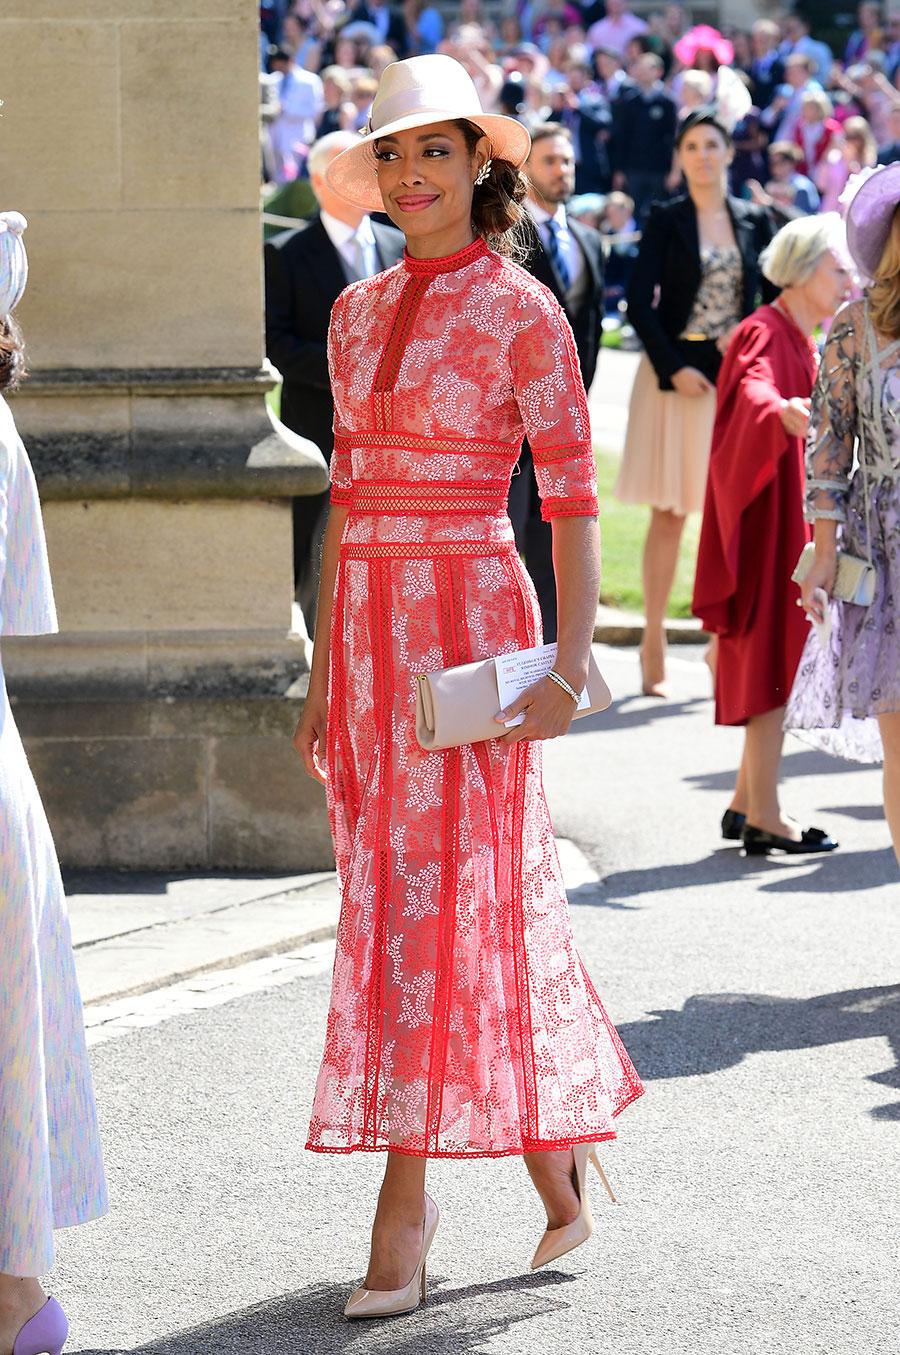 63 Fotos de Boda príncipe Harry y Meghan Markle